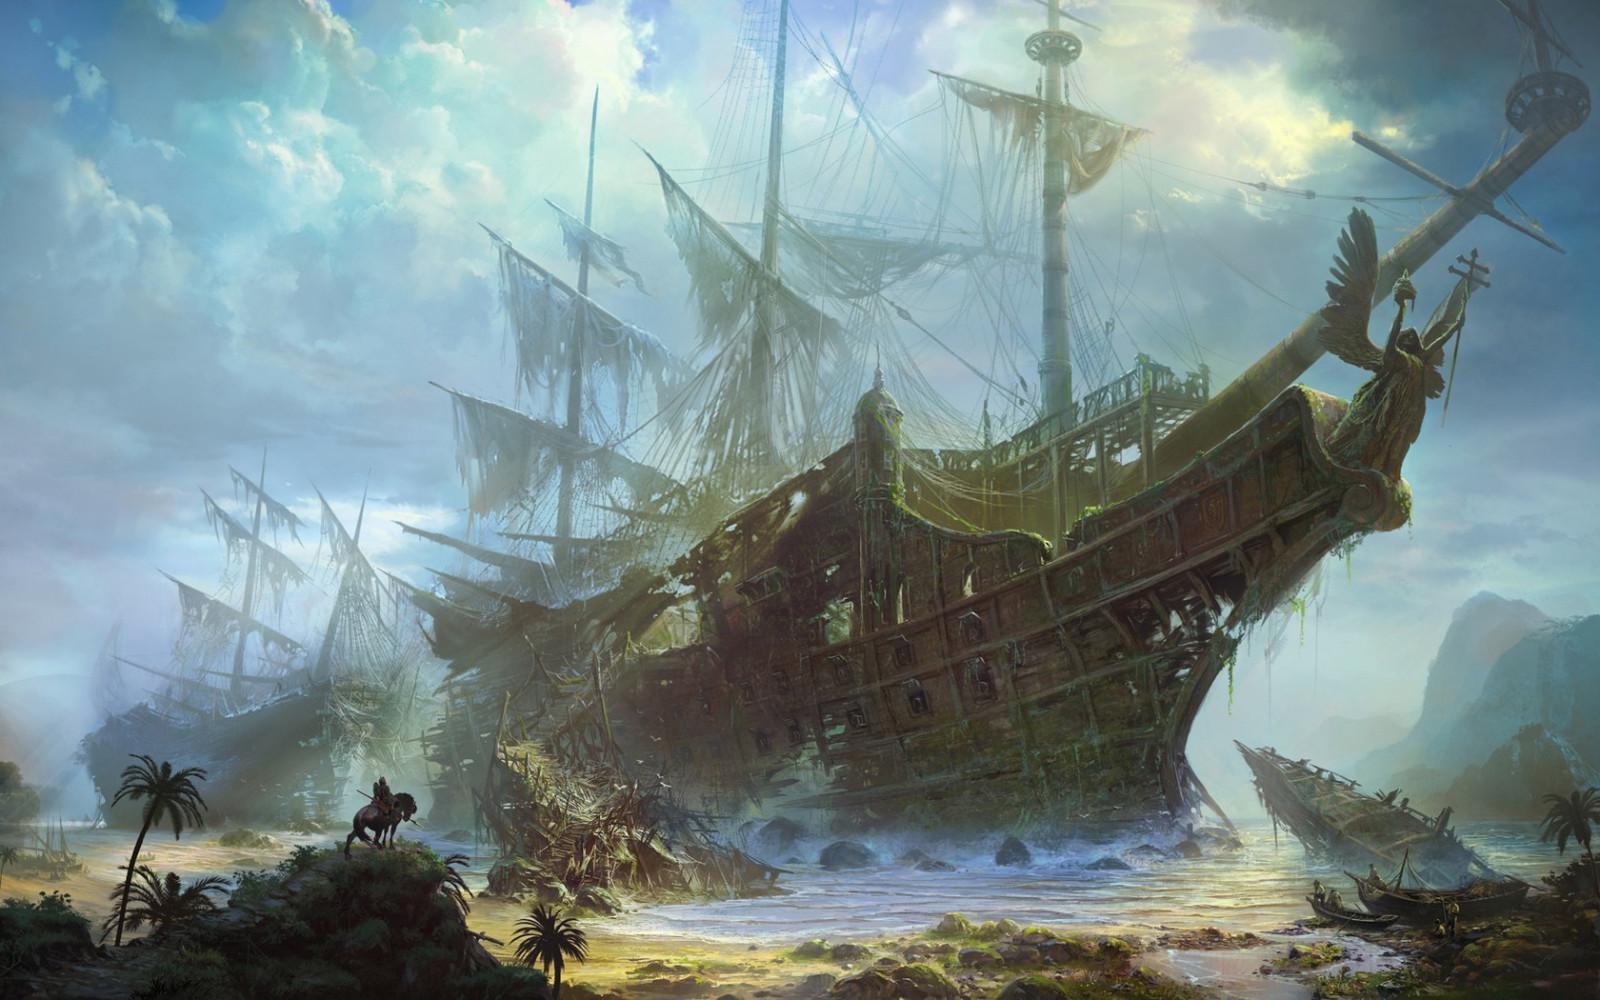 корабль галеон обои на рабочий стол № 570086 бесплатно